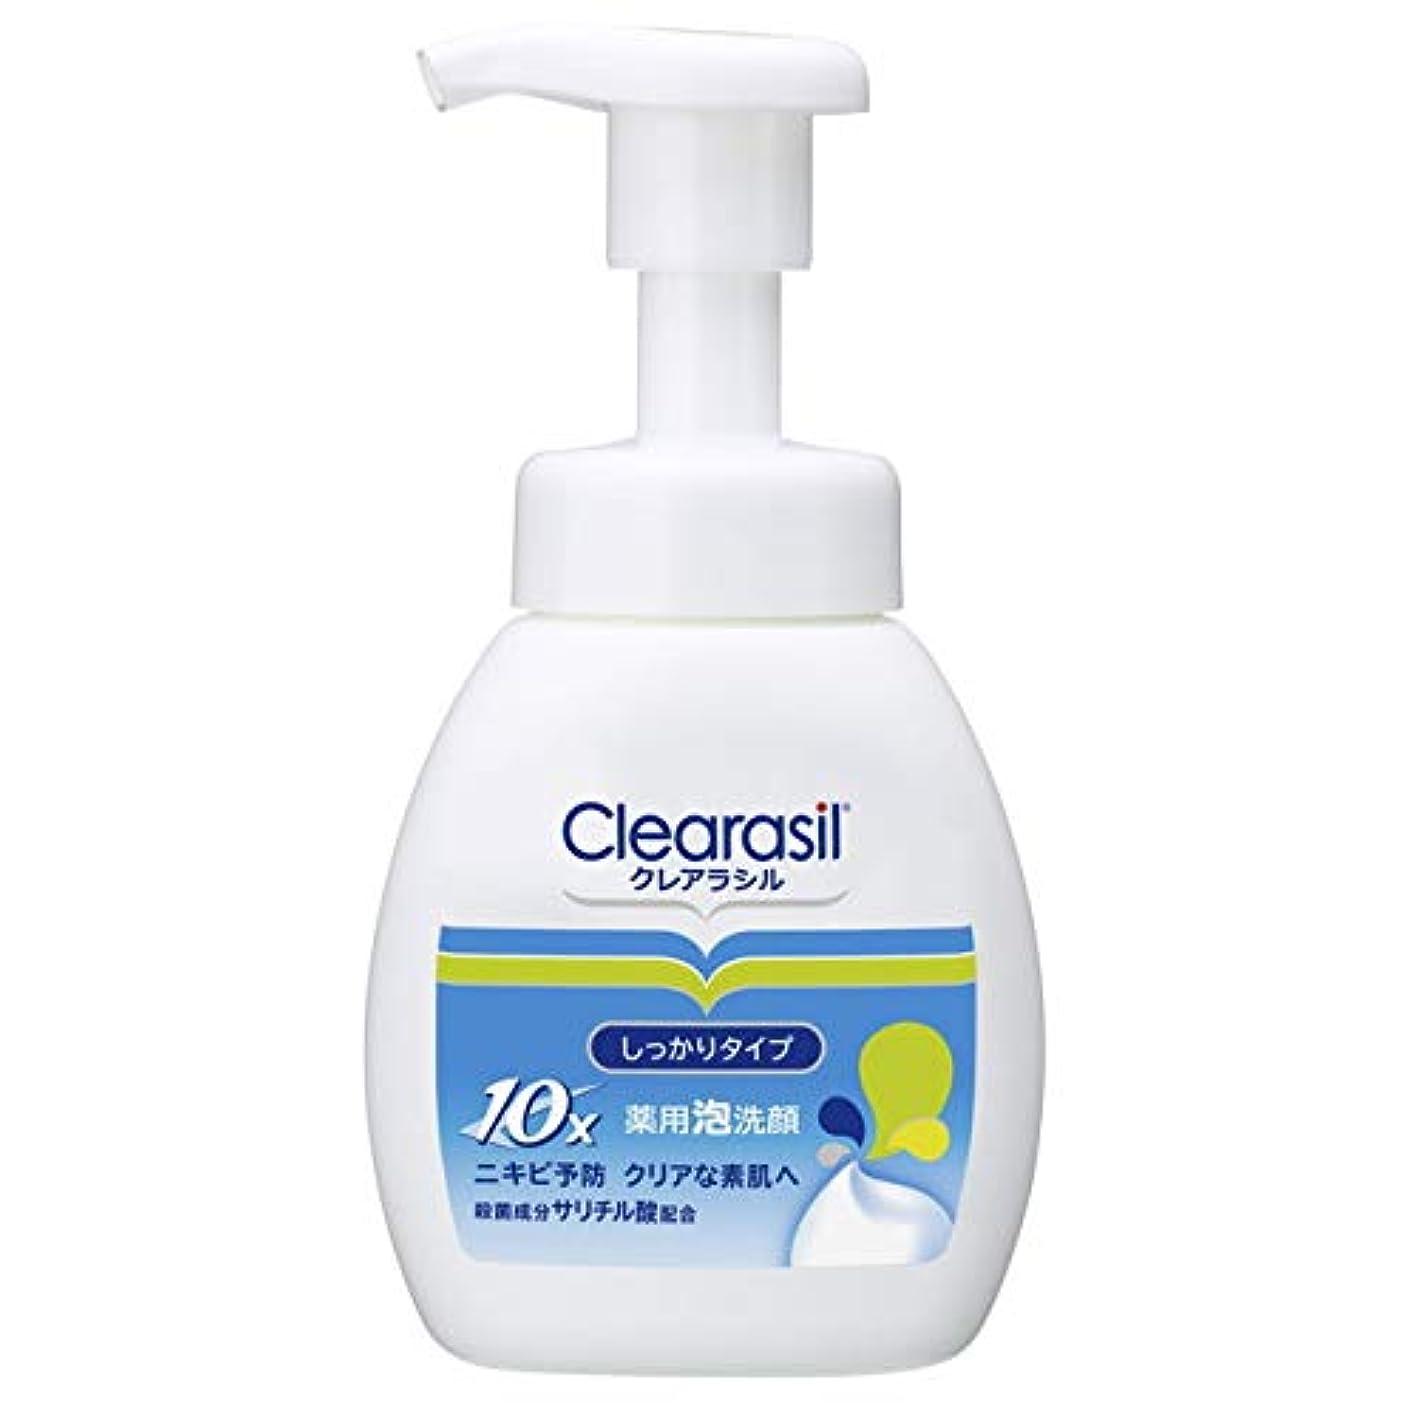 夕暮れ部セッション【clearasil】クレアラシル 薬用泡洗顔フォーム10 (200ml)